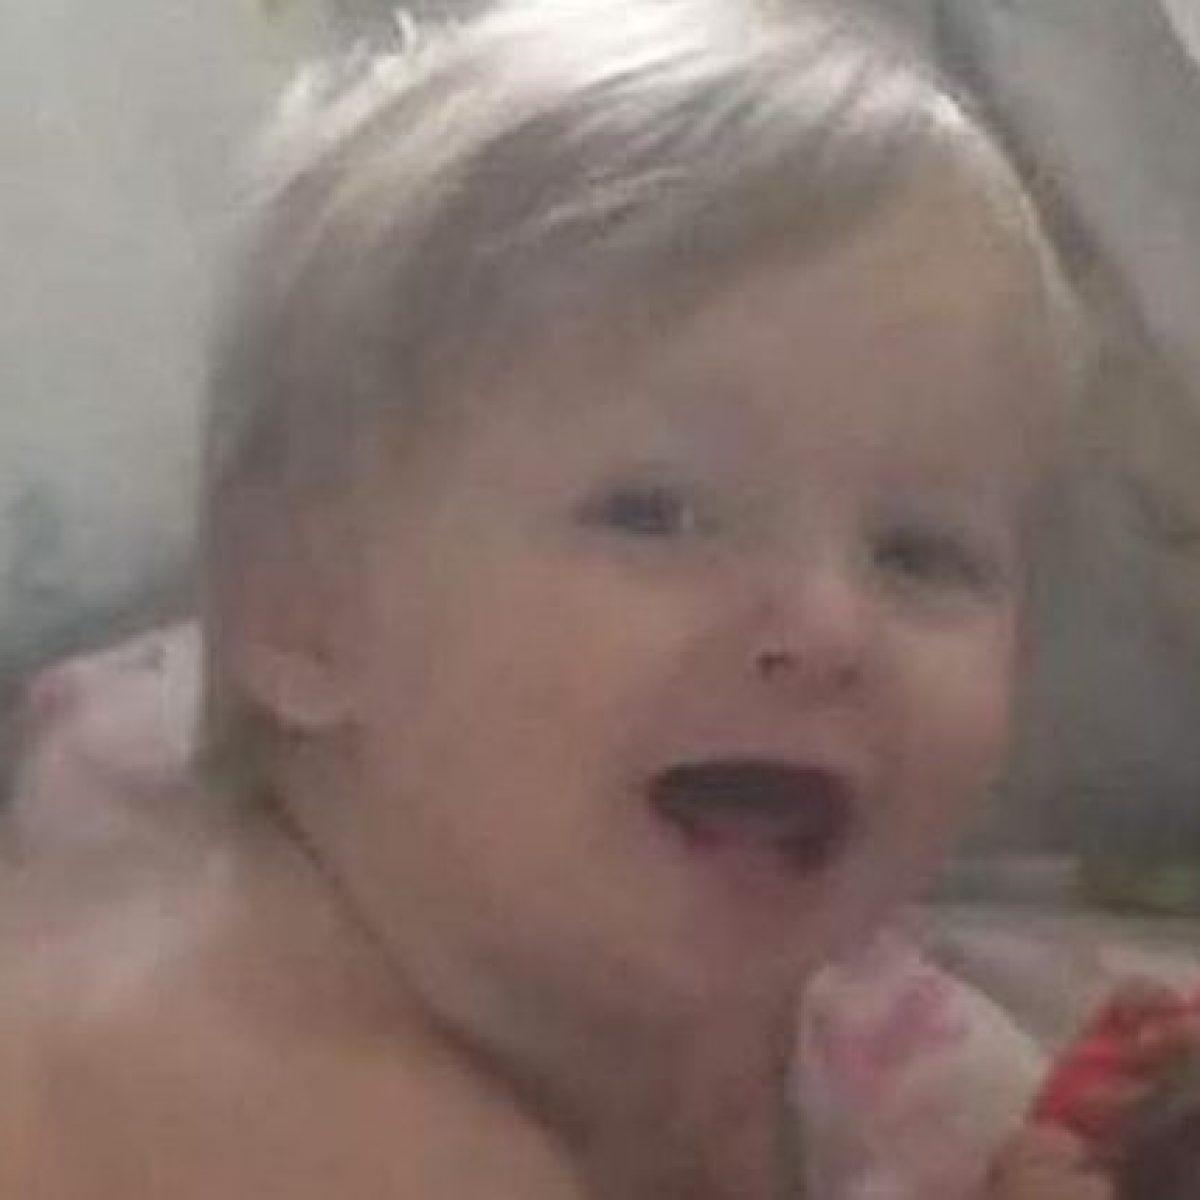 Lasciano I Tre Figli Nella Vasca Da Bagno E Vanno A Dormire Il Piu Piccolo Muore Annegato